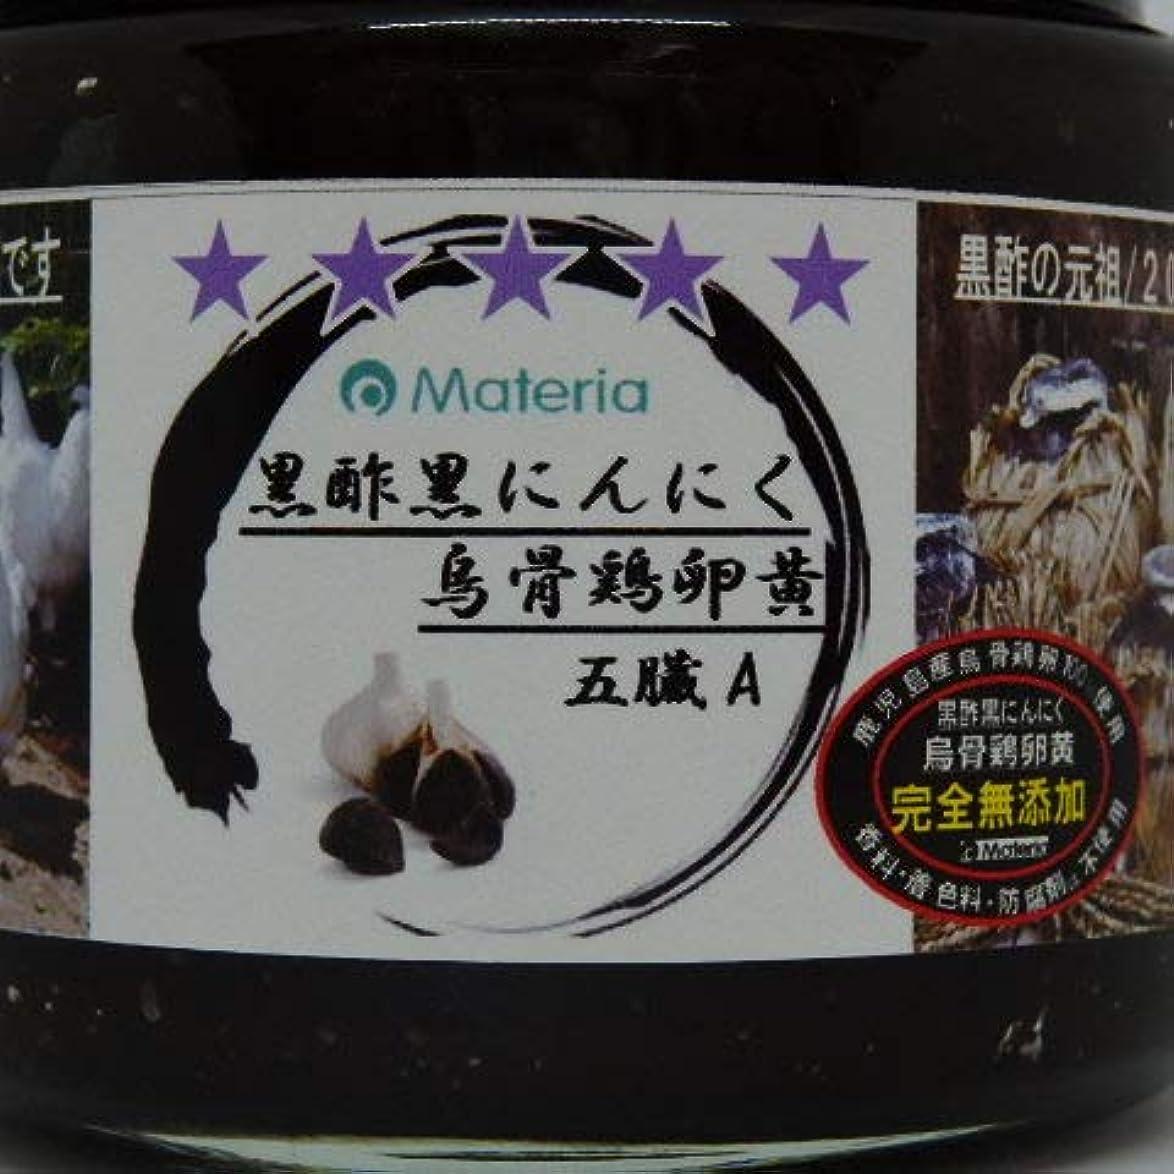 販売計画糸繁雑無添加健康食品/黒酢黒にんにく烏骨鶏卵黄/五臓系ペ-スト早溶150g(1月分)¥11,600